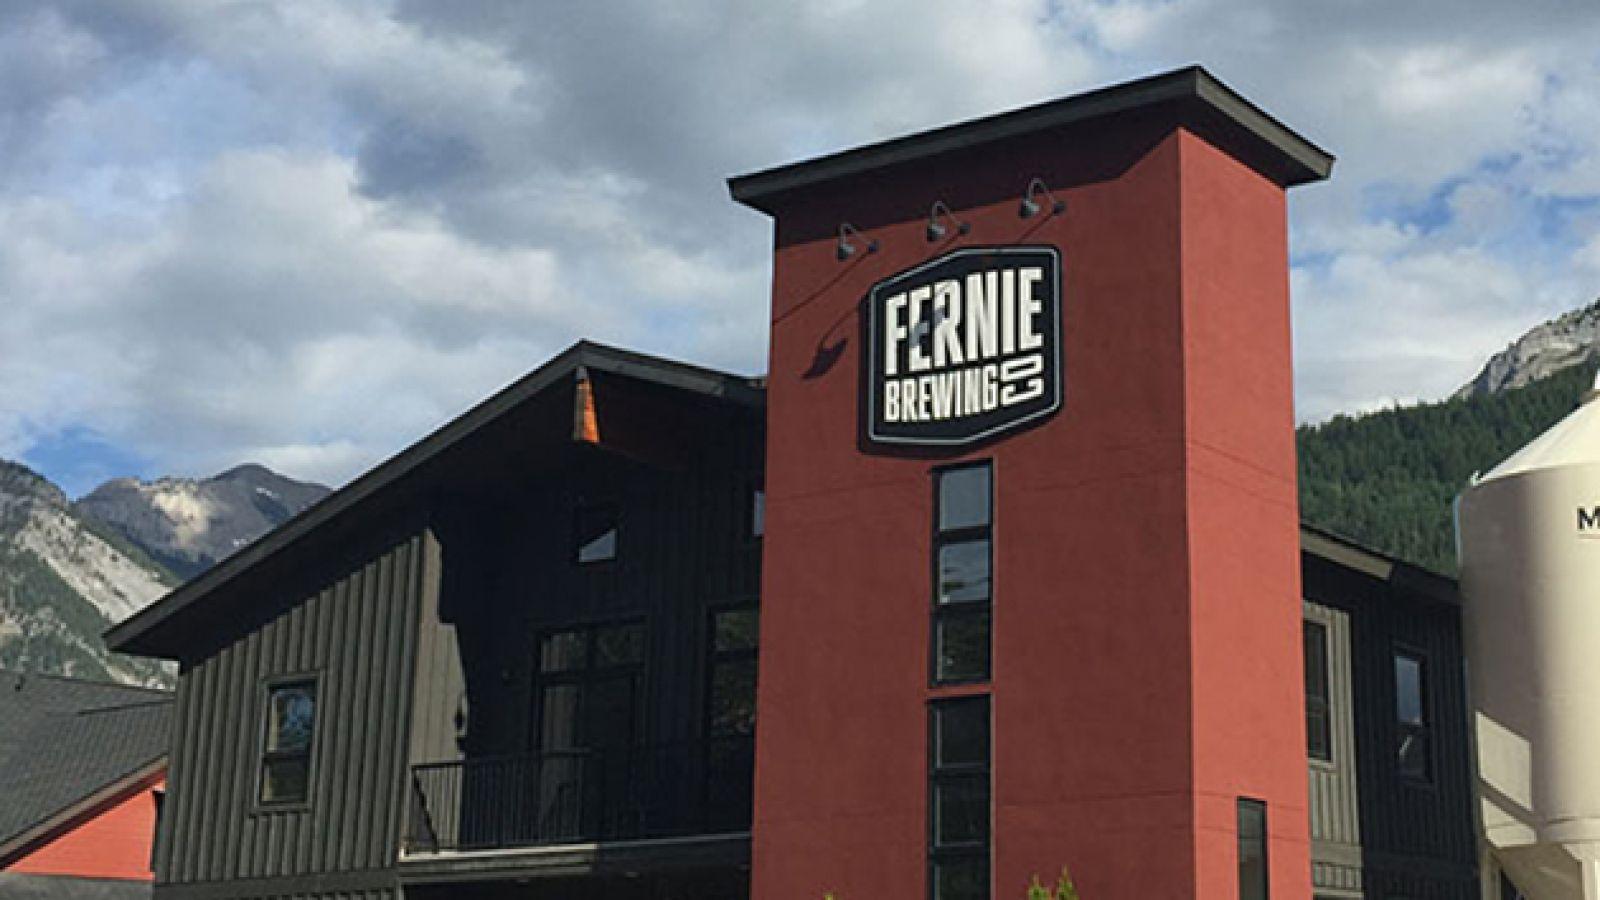 Fernie Brewing Company.